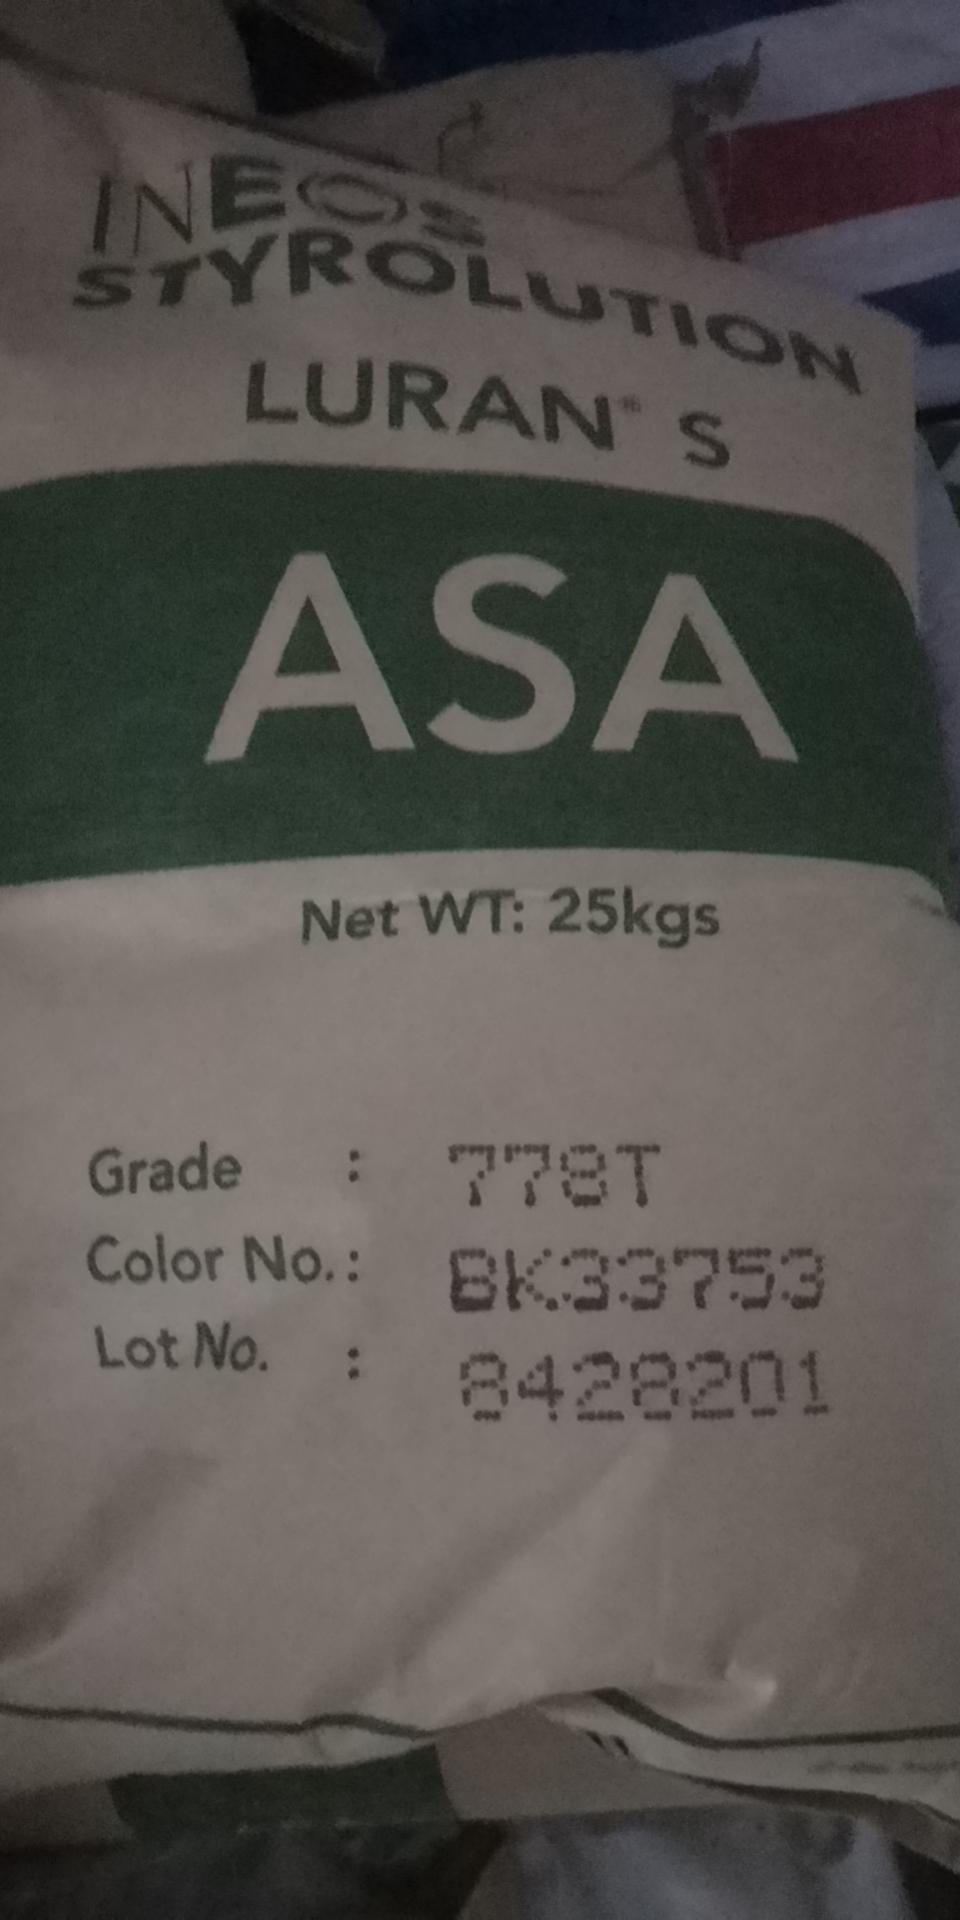 ASA LURAN S778T BK33753